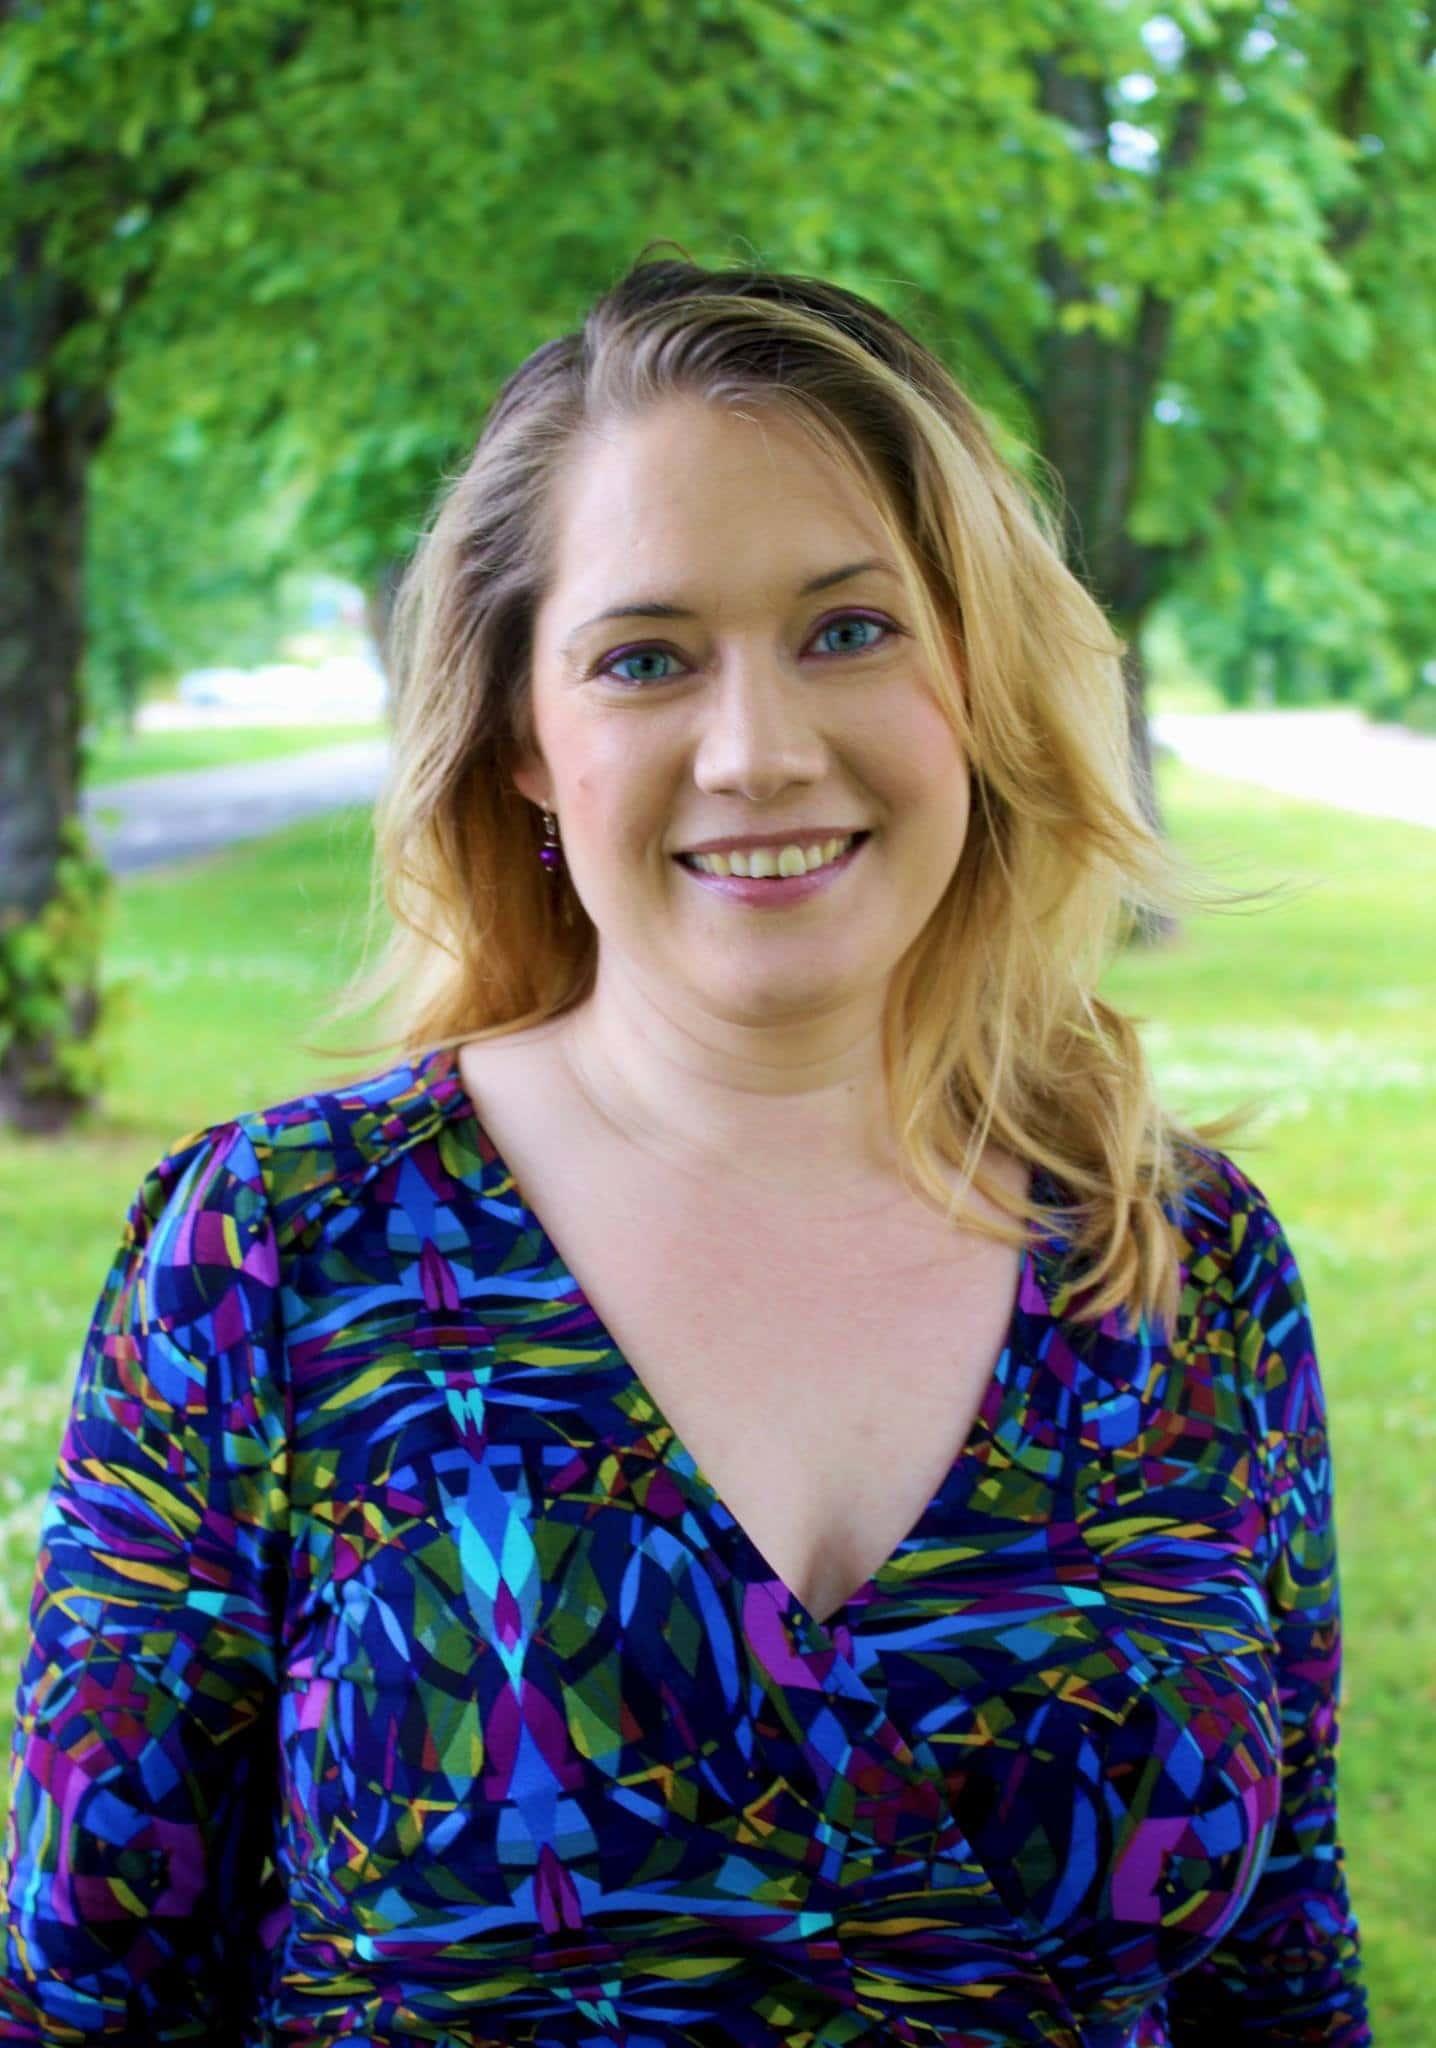 Carola Bolmstedt porträttbild. Hon är klädd i blått på överdelen en sommardag i en park.